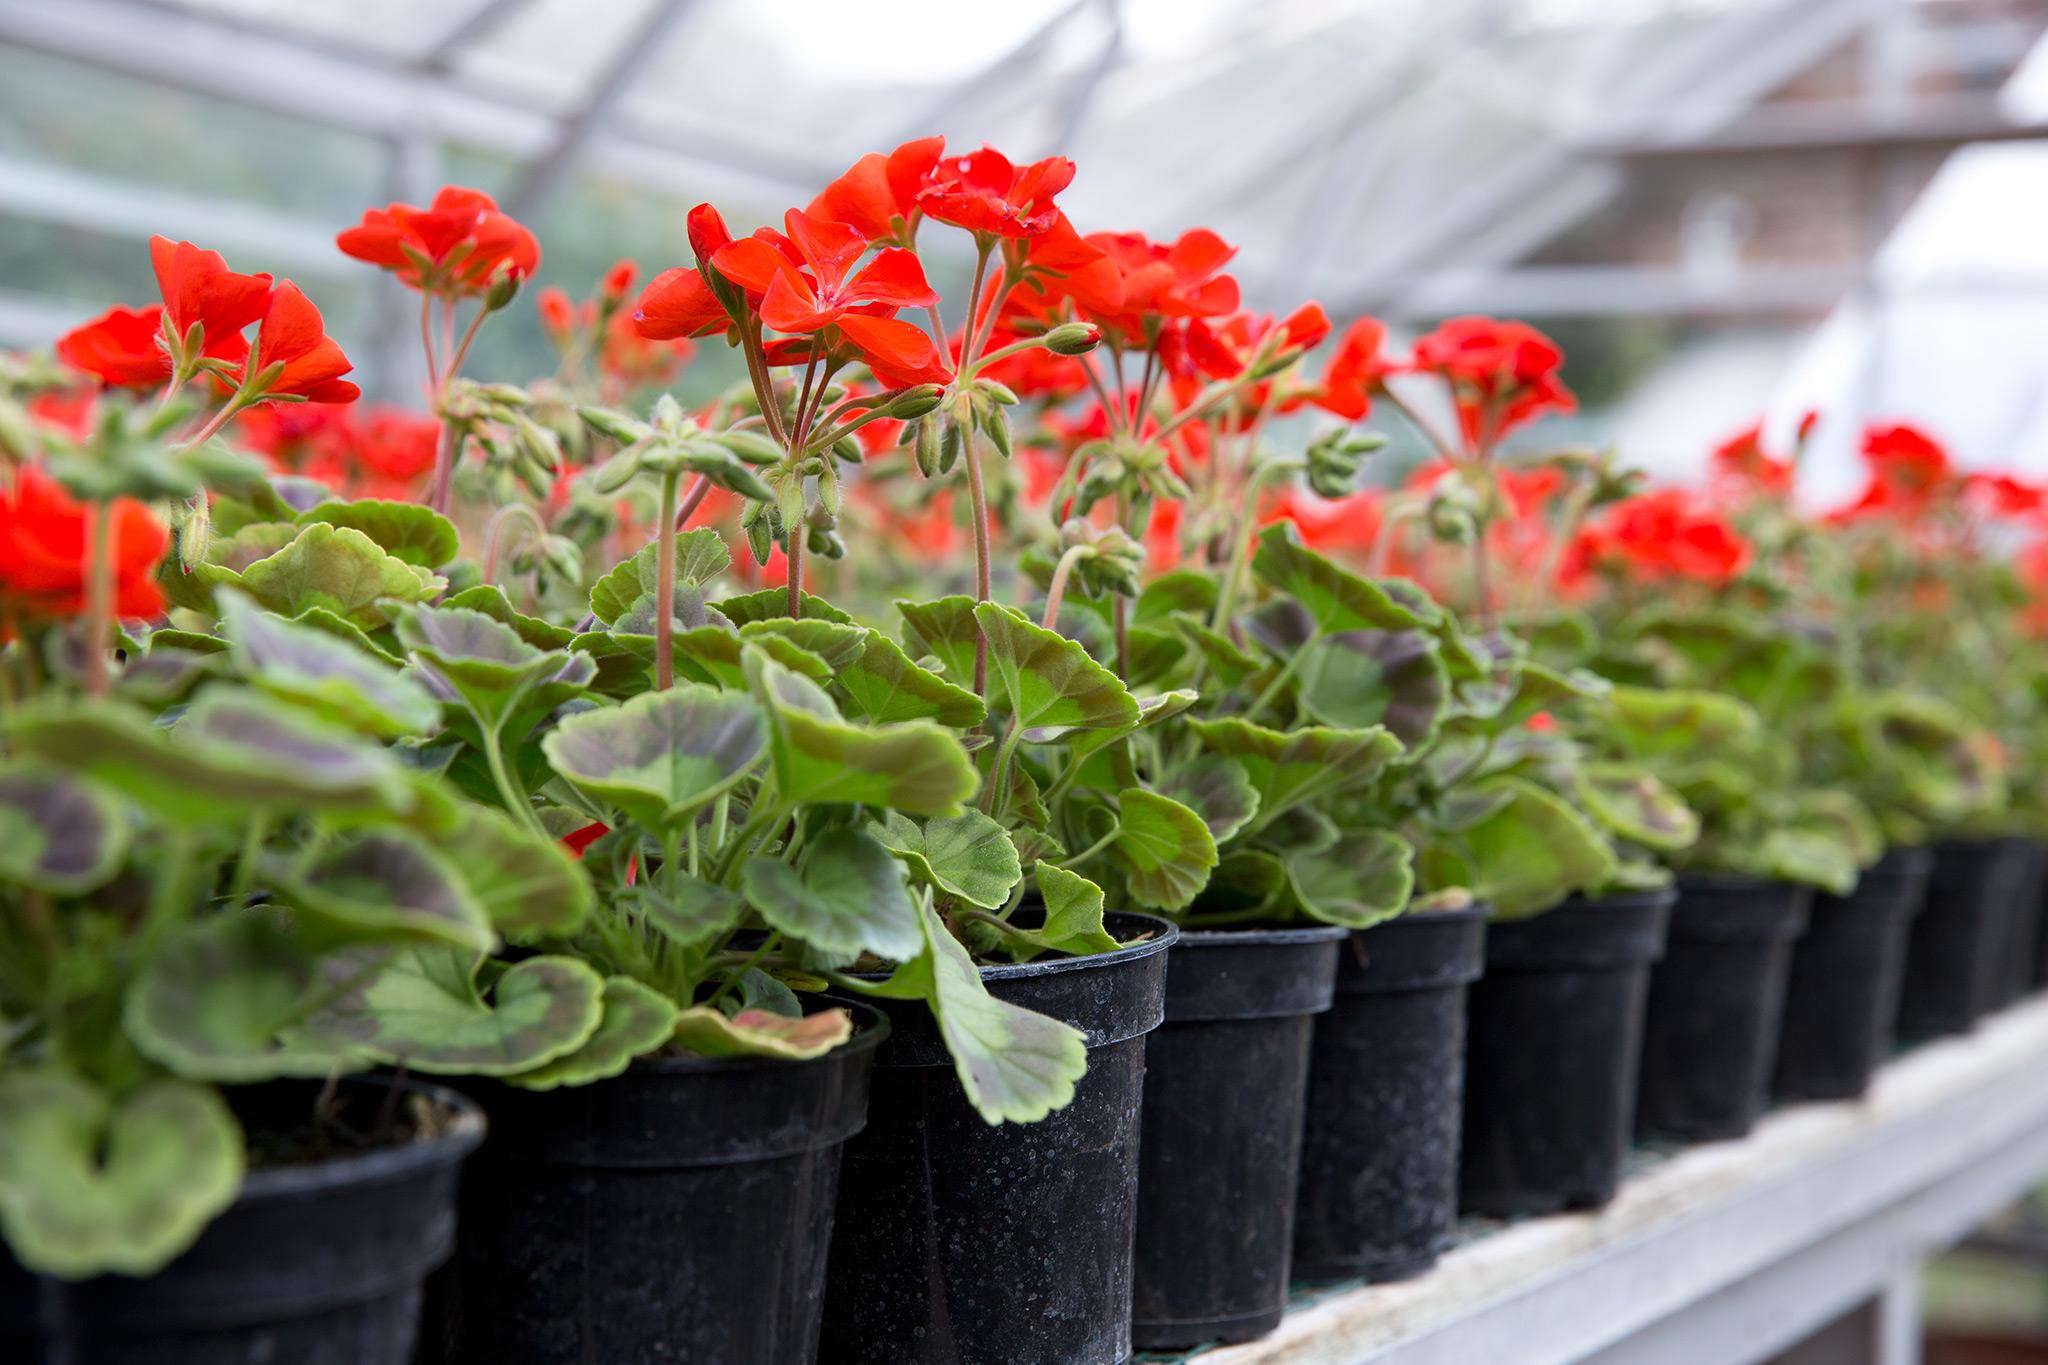 pelargoniums-grown-under-glass-2